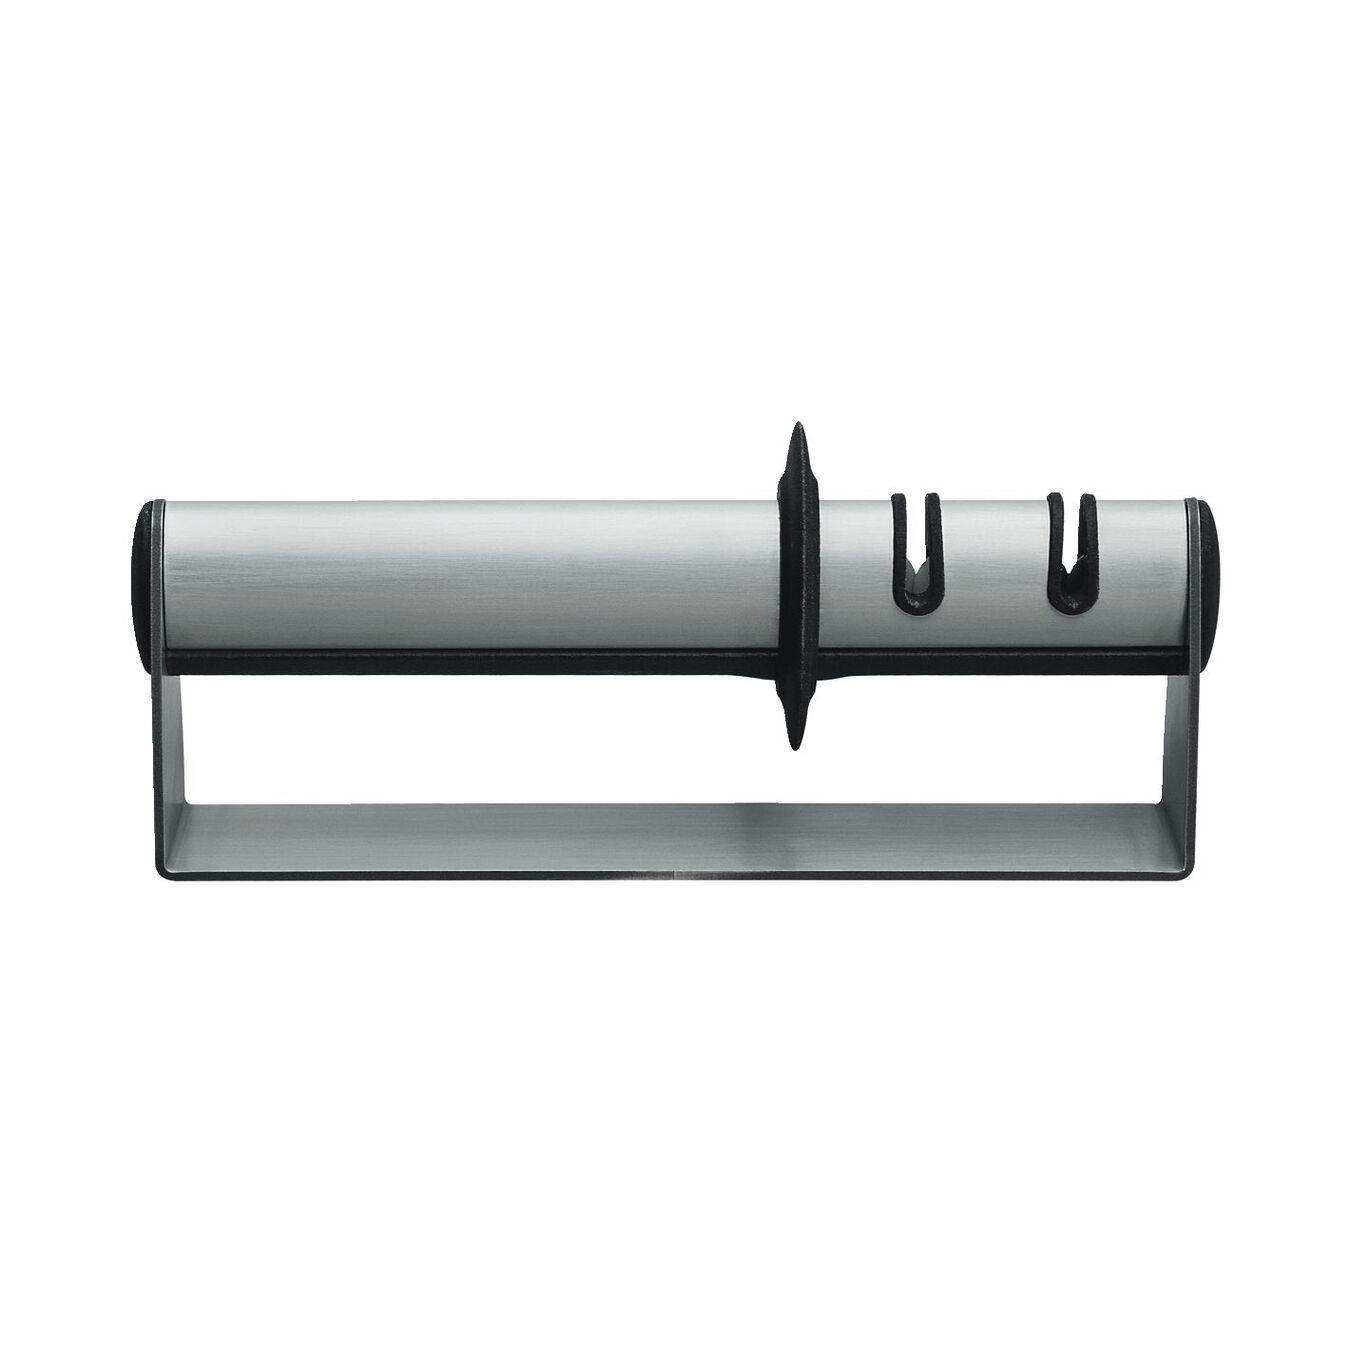 Amolador de facas Prata, Aço inoxidável,,large 1